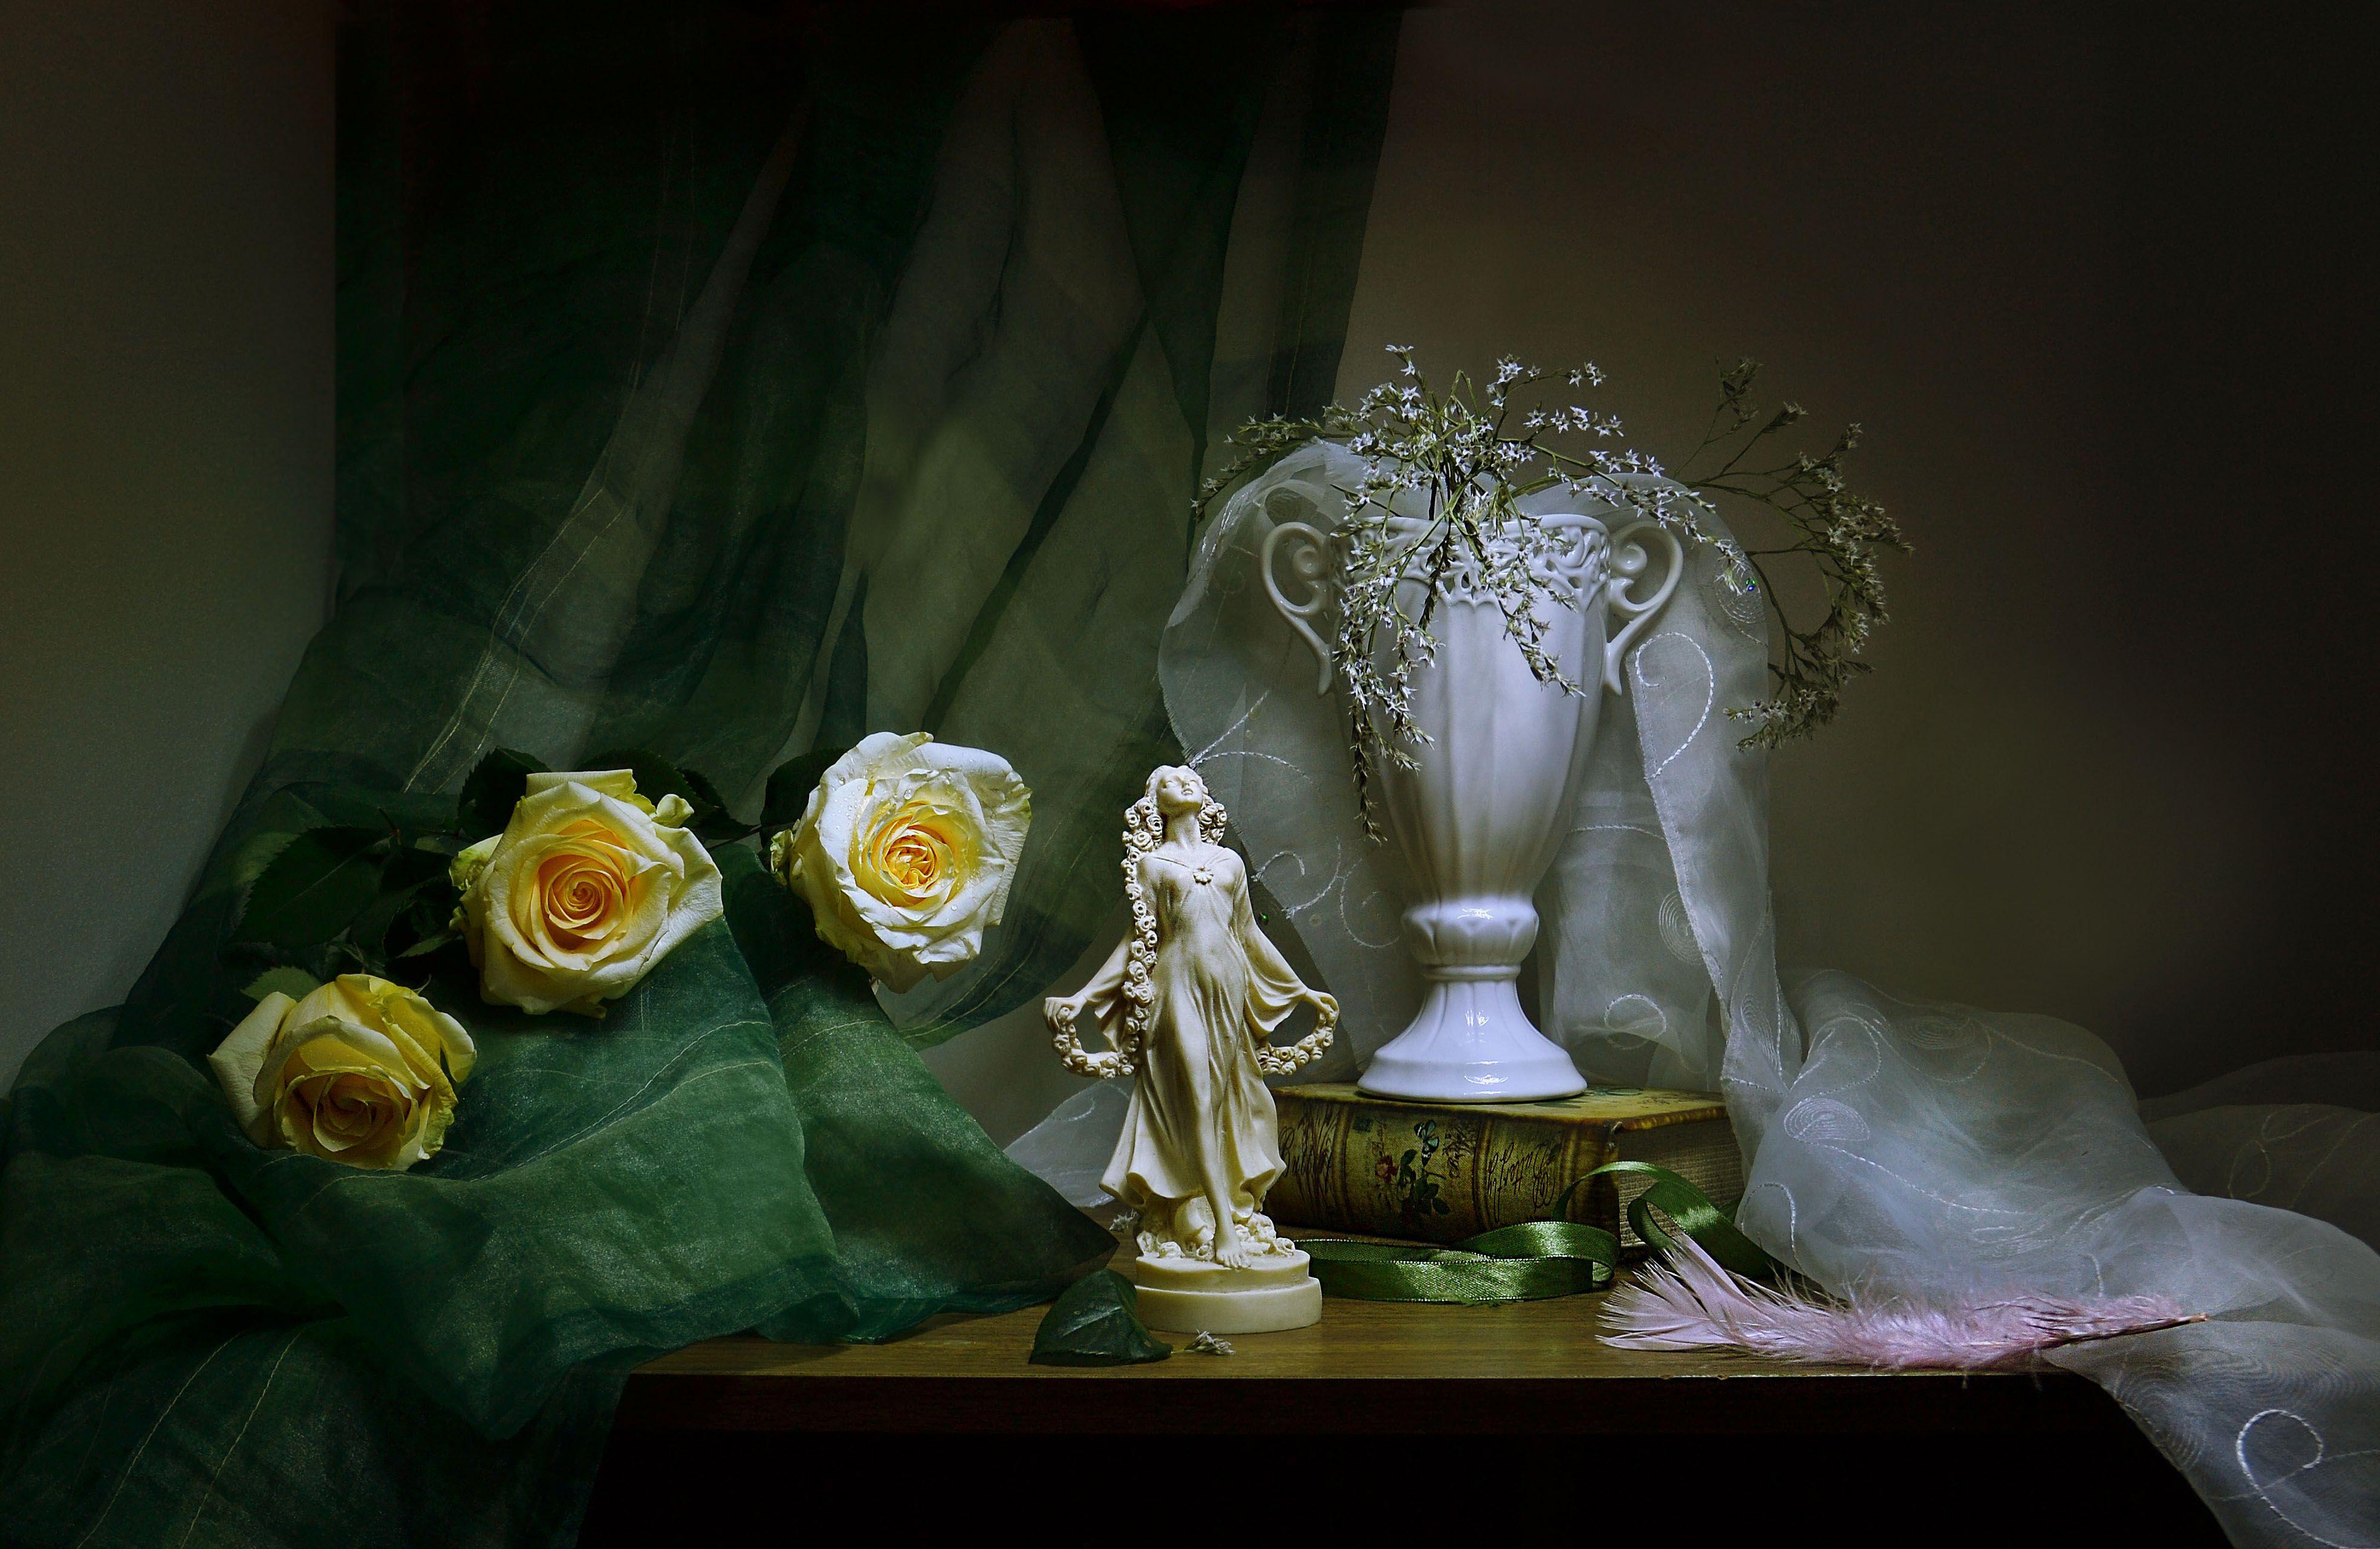 still life, натюрморт ,ваза, драпировка, зима, настроение, пёрышко, розы, статуэтка, стихи, фарфор, февраль, фото натюрморт, цветы, Колова Валентина